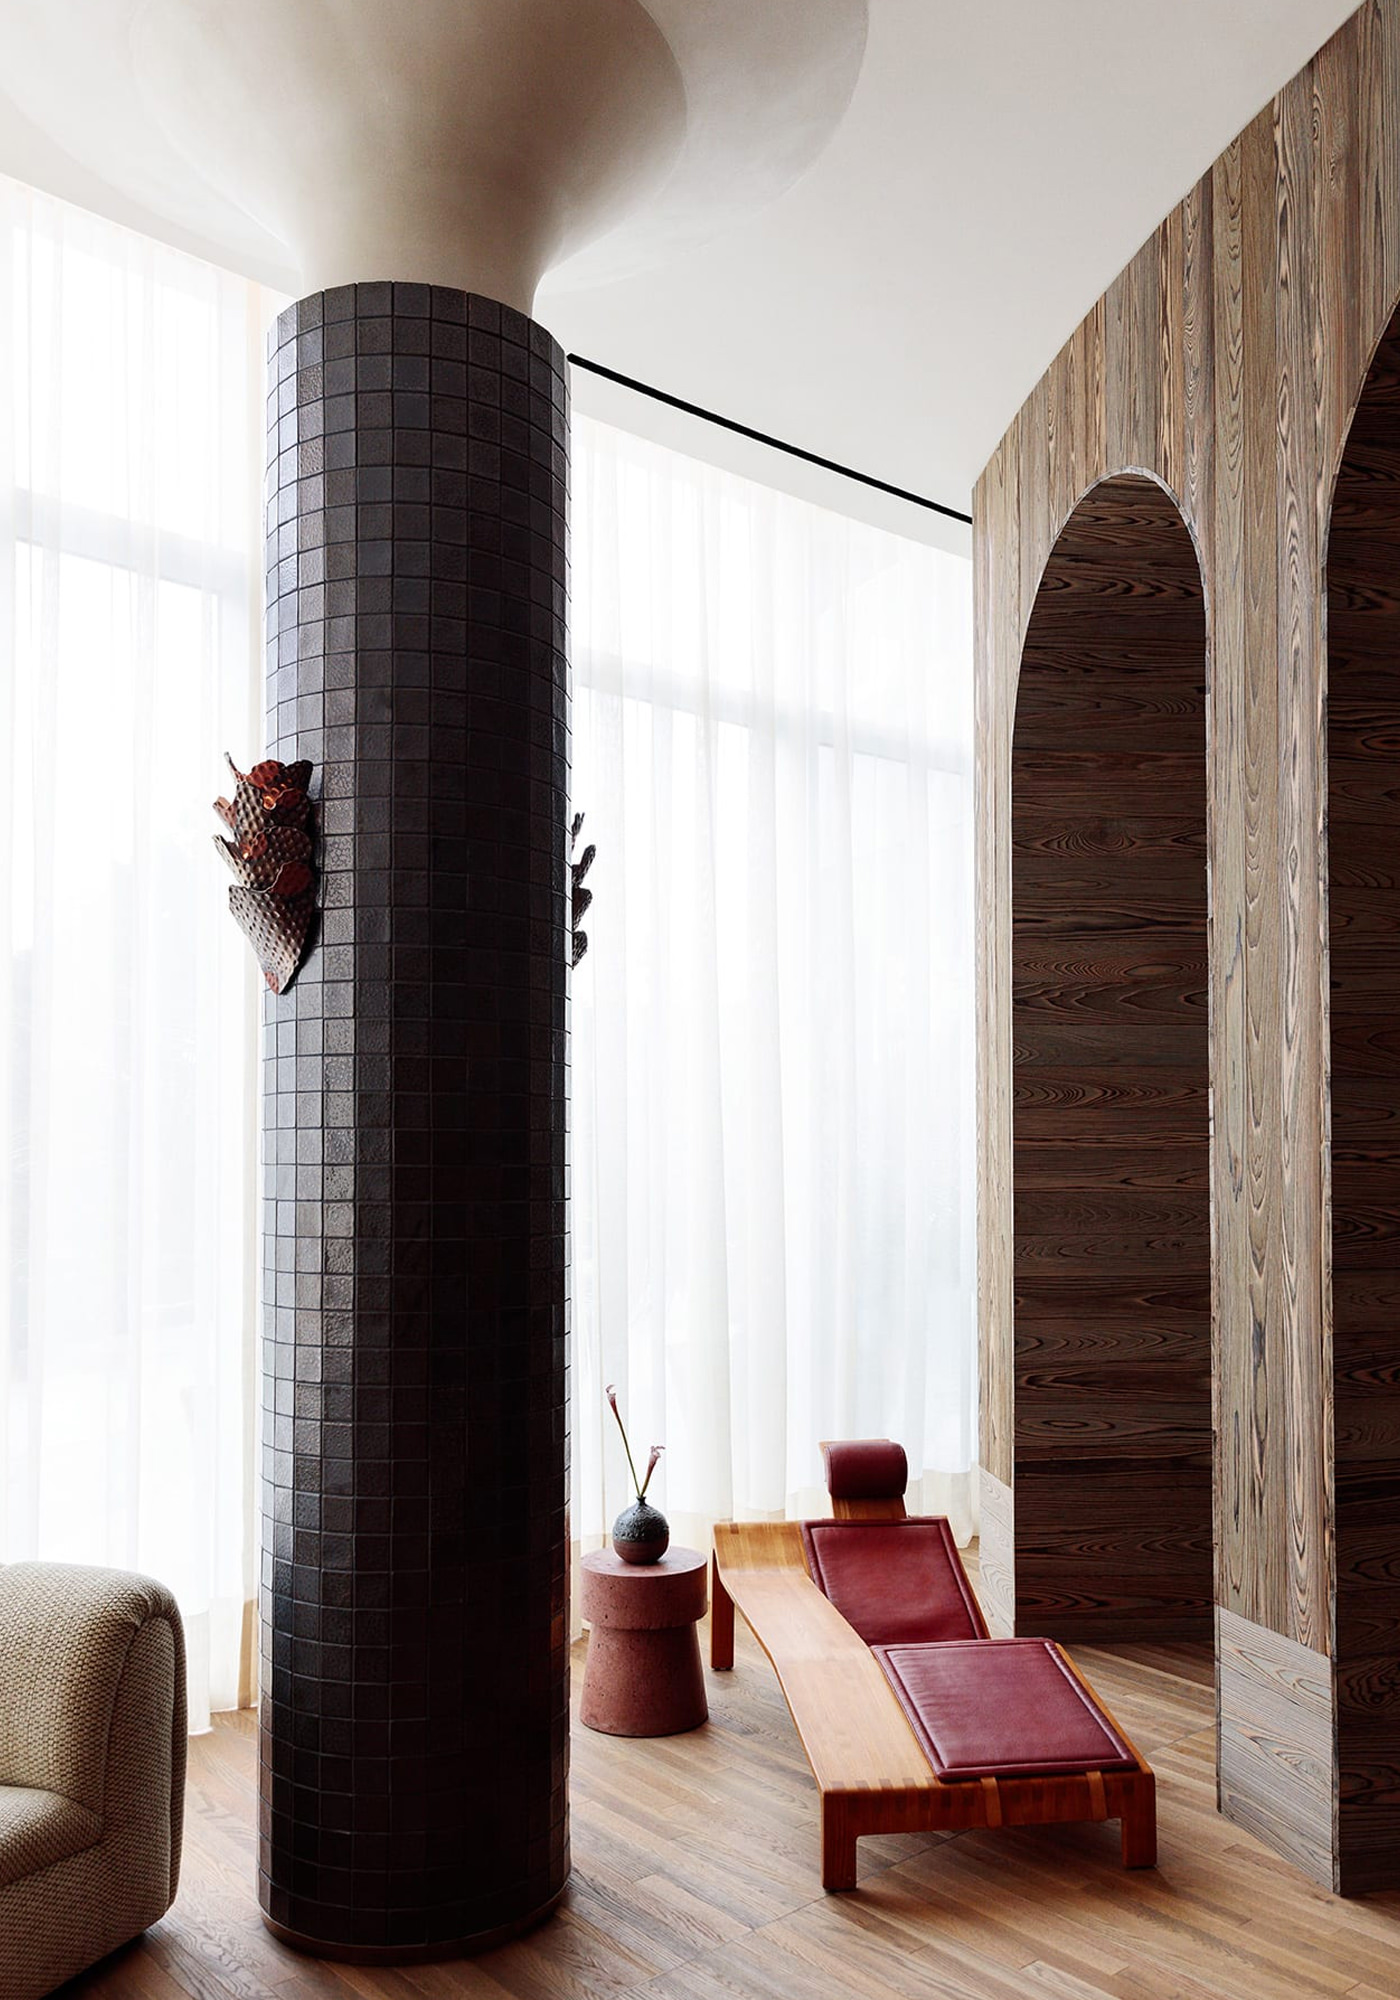 City Guide Santa Monica Proper Hotel Inspiration Architecture